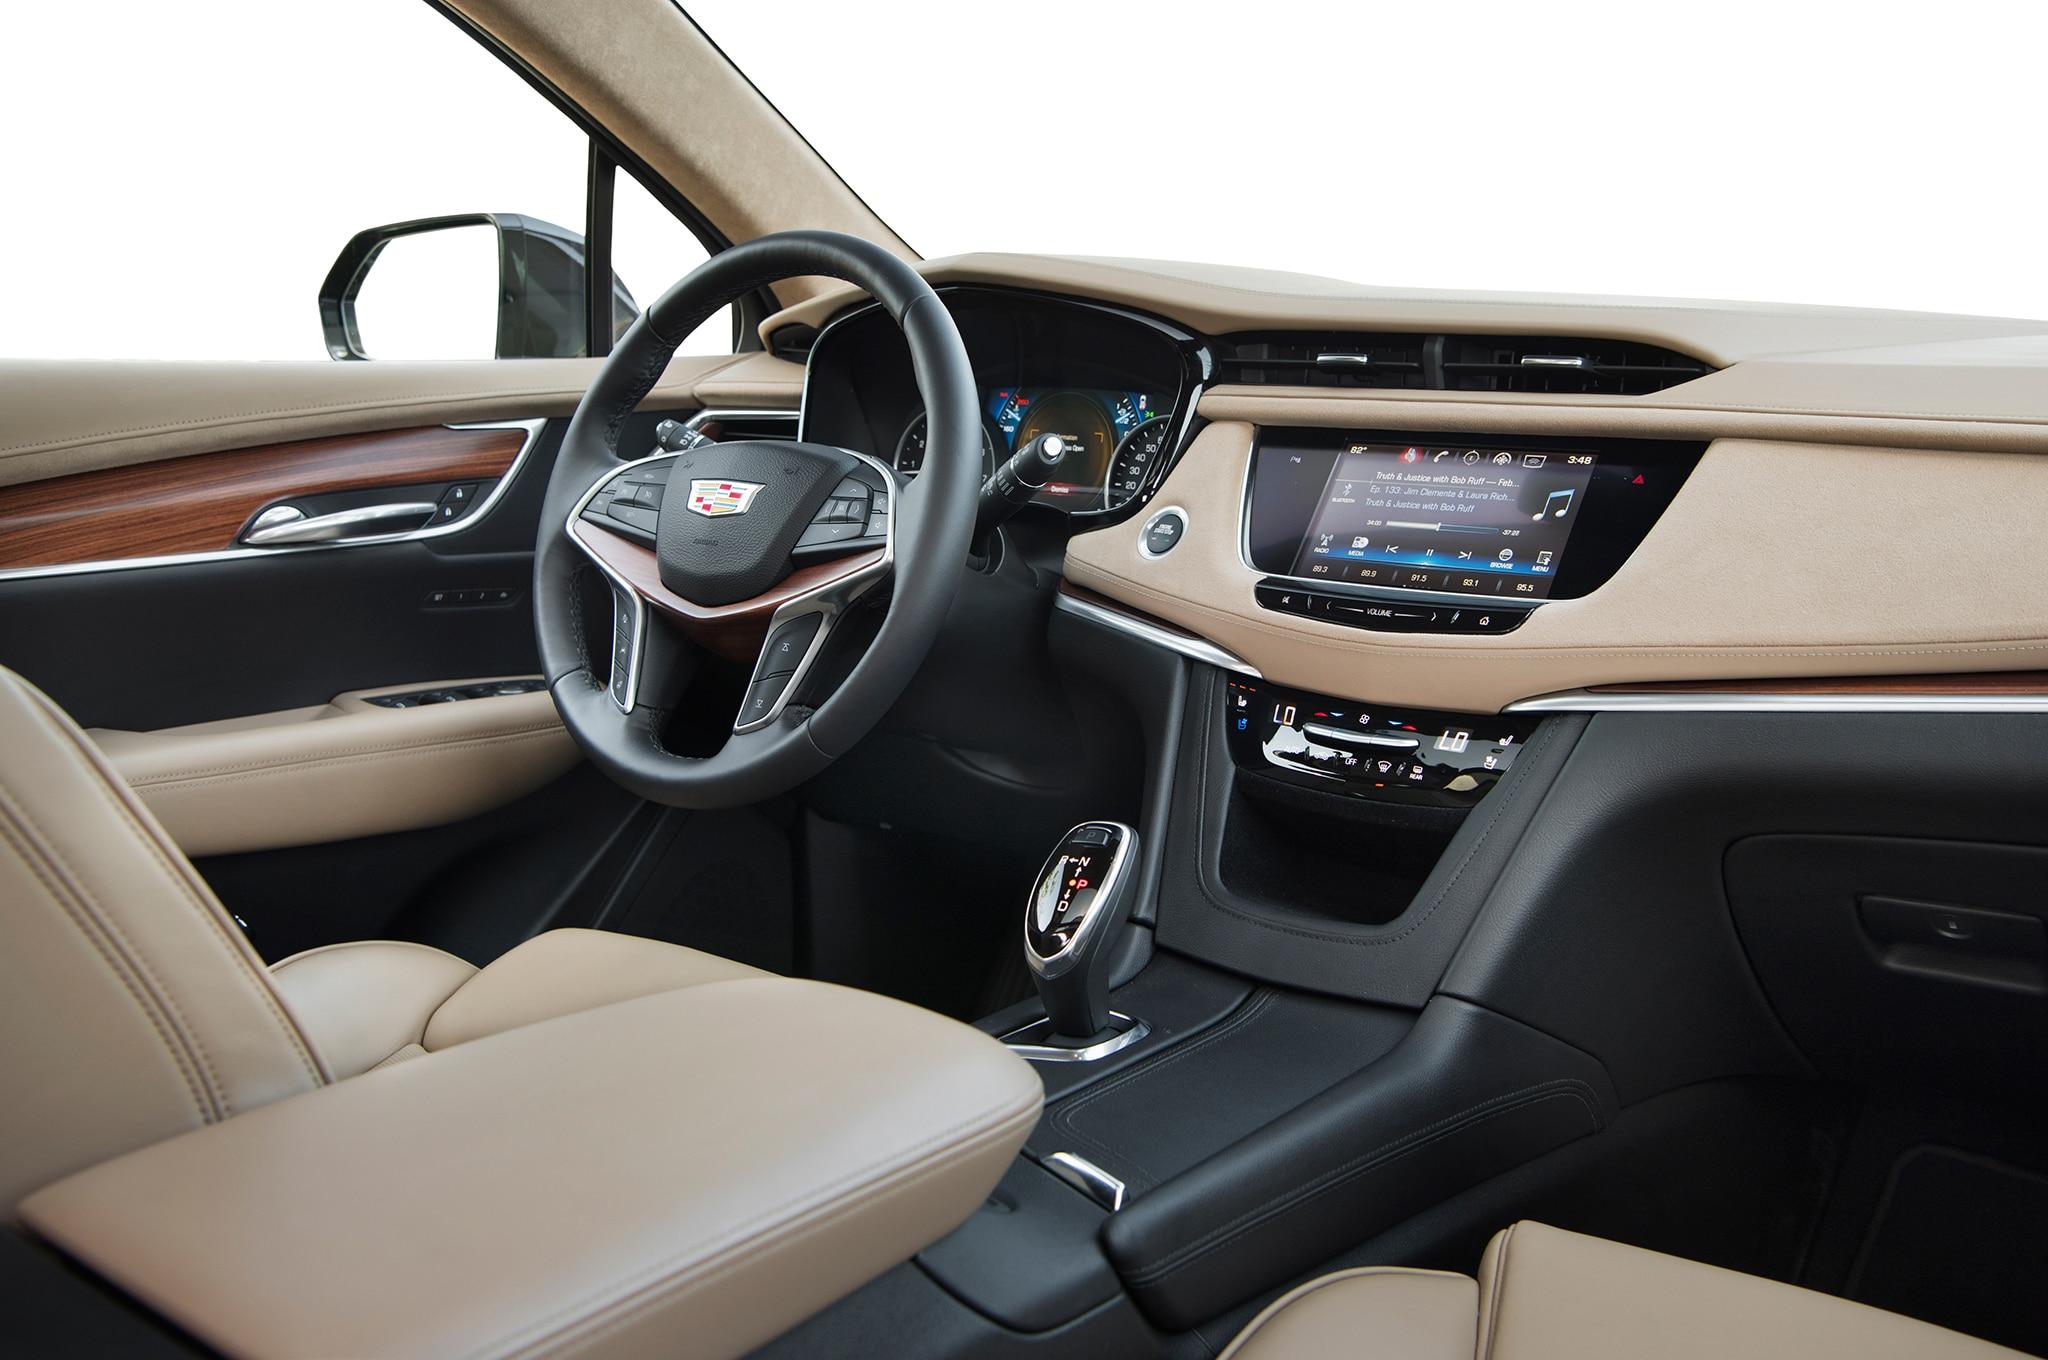 2017 Cadillac Xt5 Awd 36 Platinum Interior 15 Agosto 2016 Wpengine